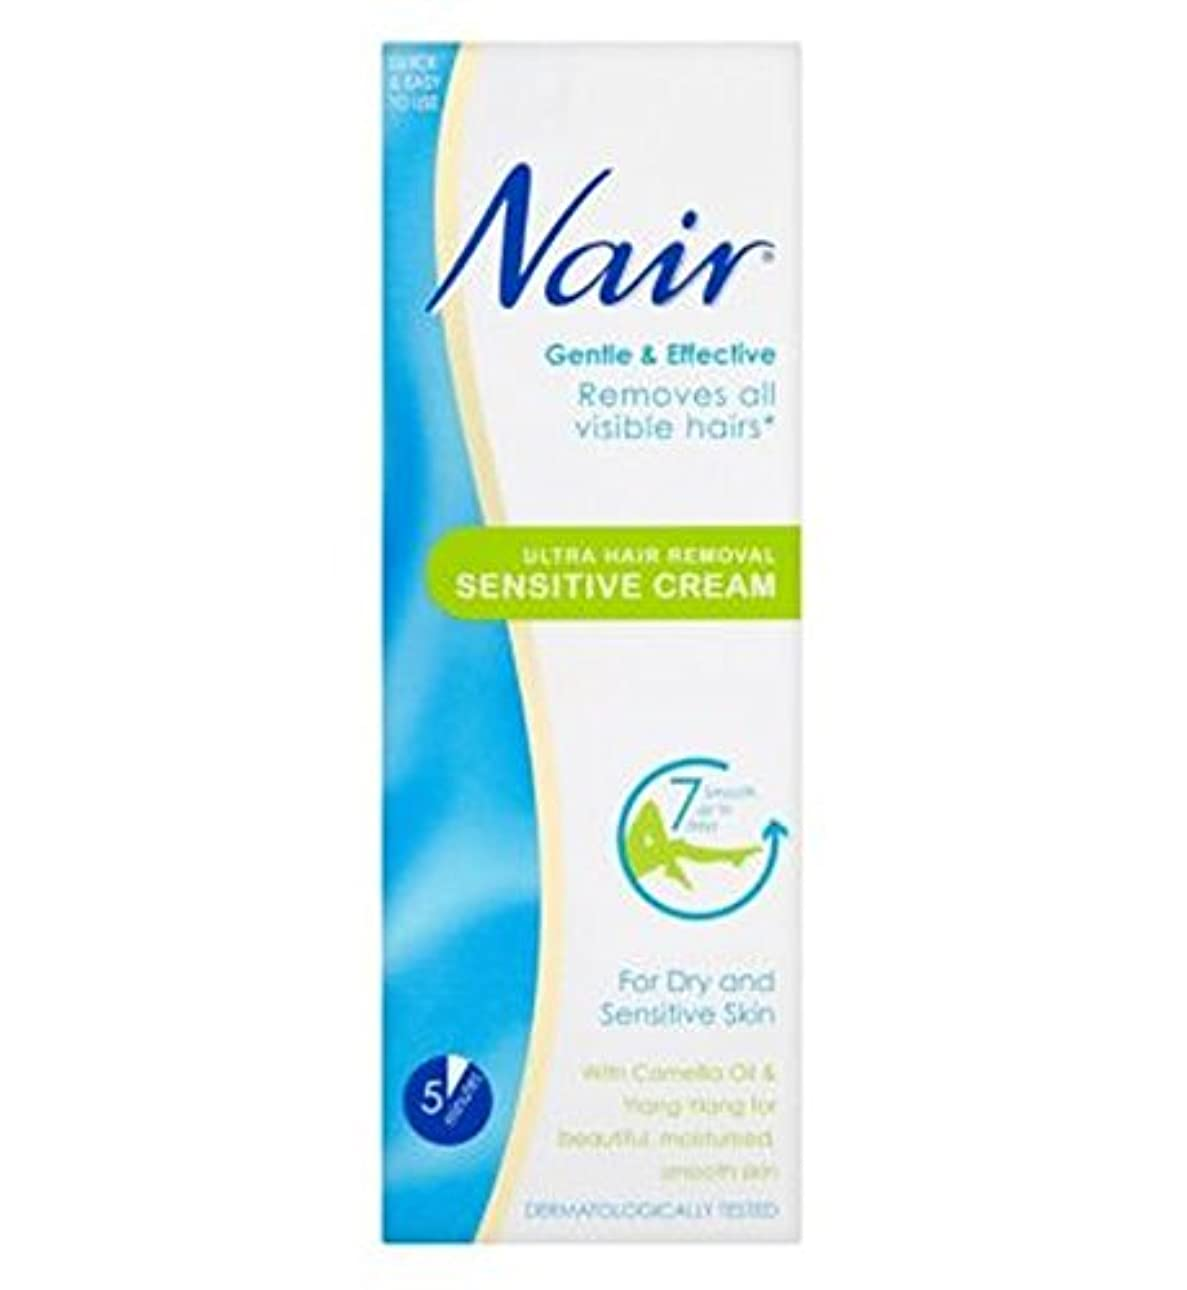 バラ色間欠許されるNair Sensitive Hair Removal Cream 200ml - Nairさん敏感な脱毛クリーム200ミリリットル (Nair) [並行輸入品]